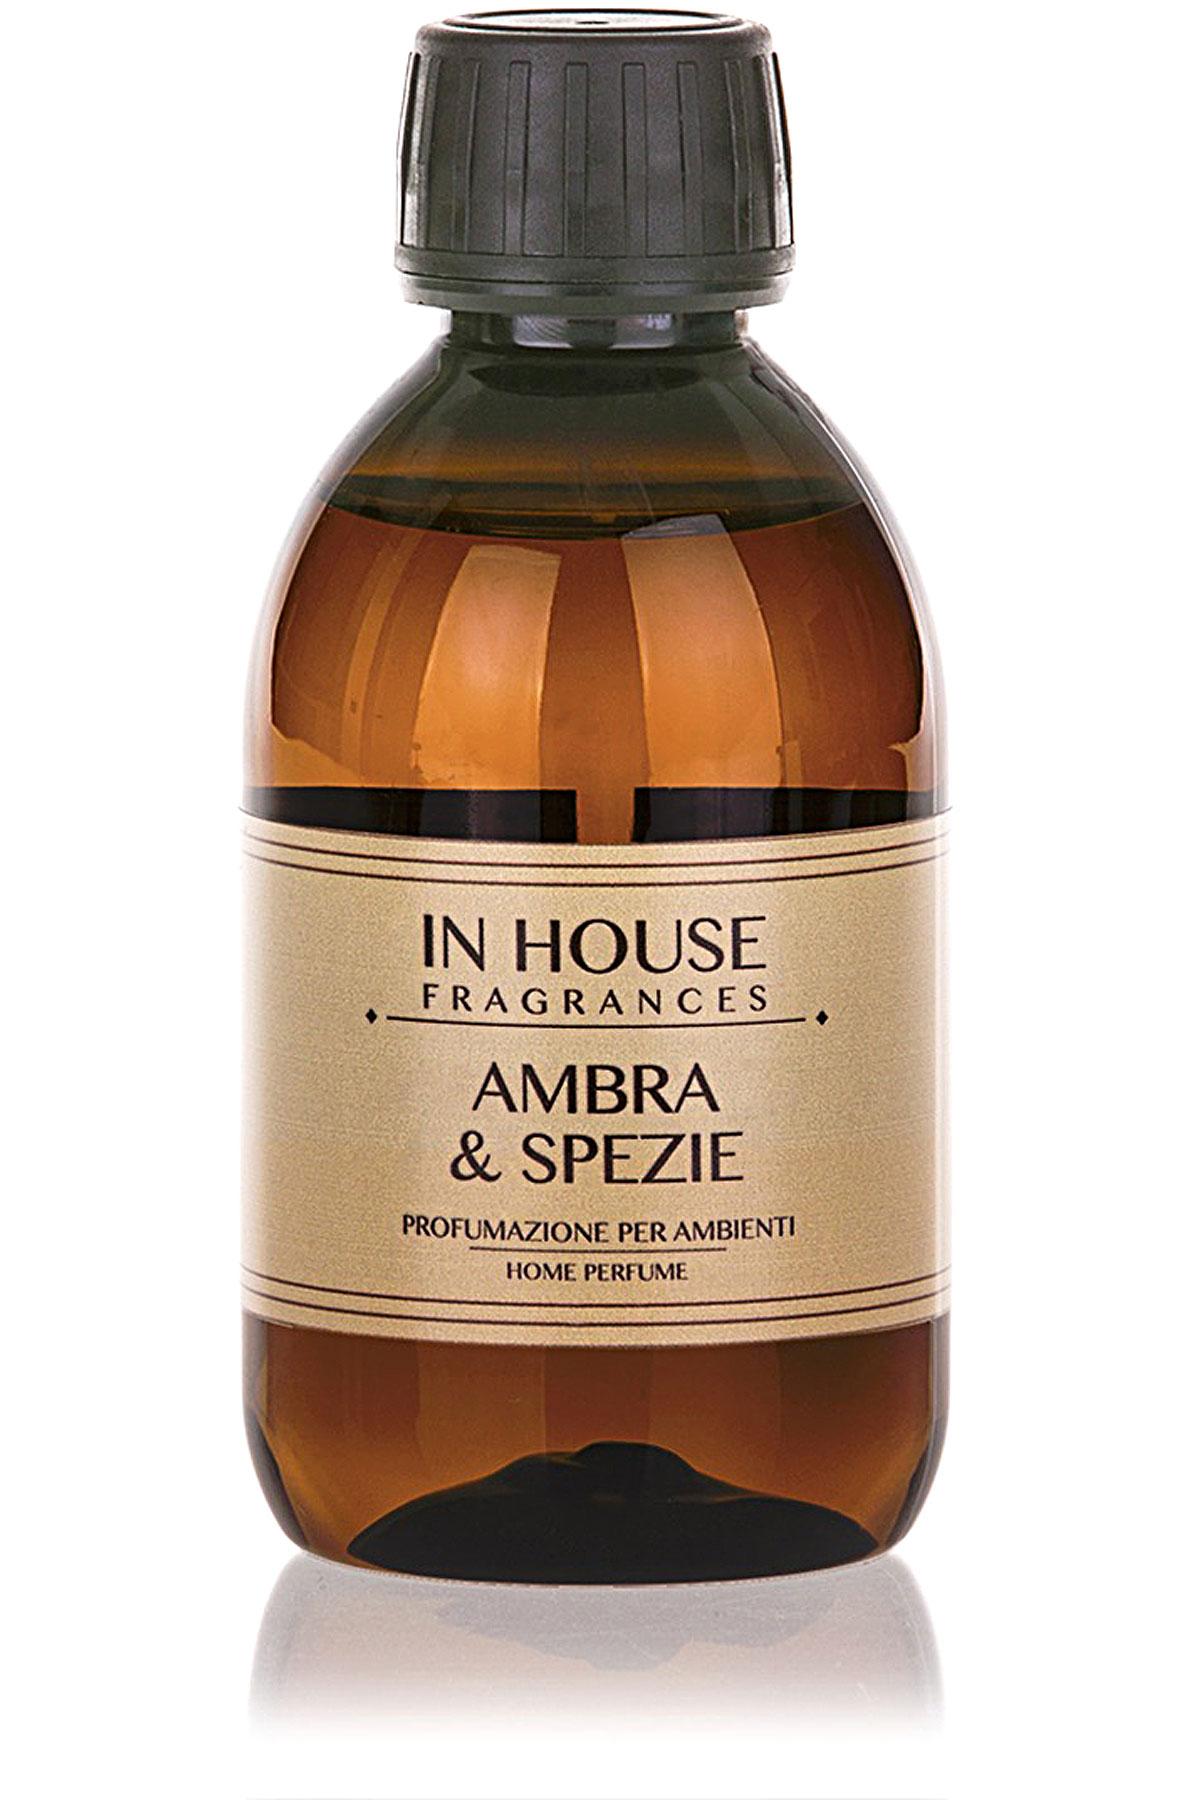 In House Fragrances Home Scents for Men, Arancio & Cannella - Refill - 200 Ml, 2019, 200 ml